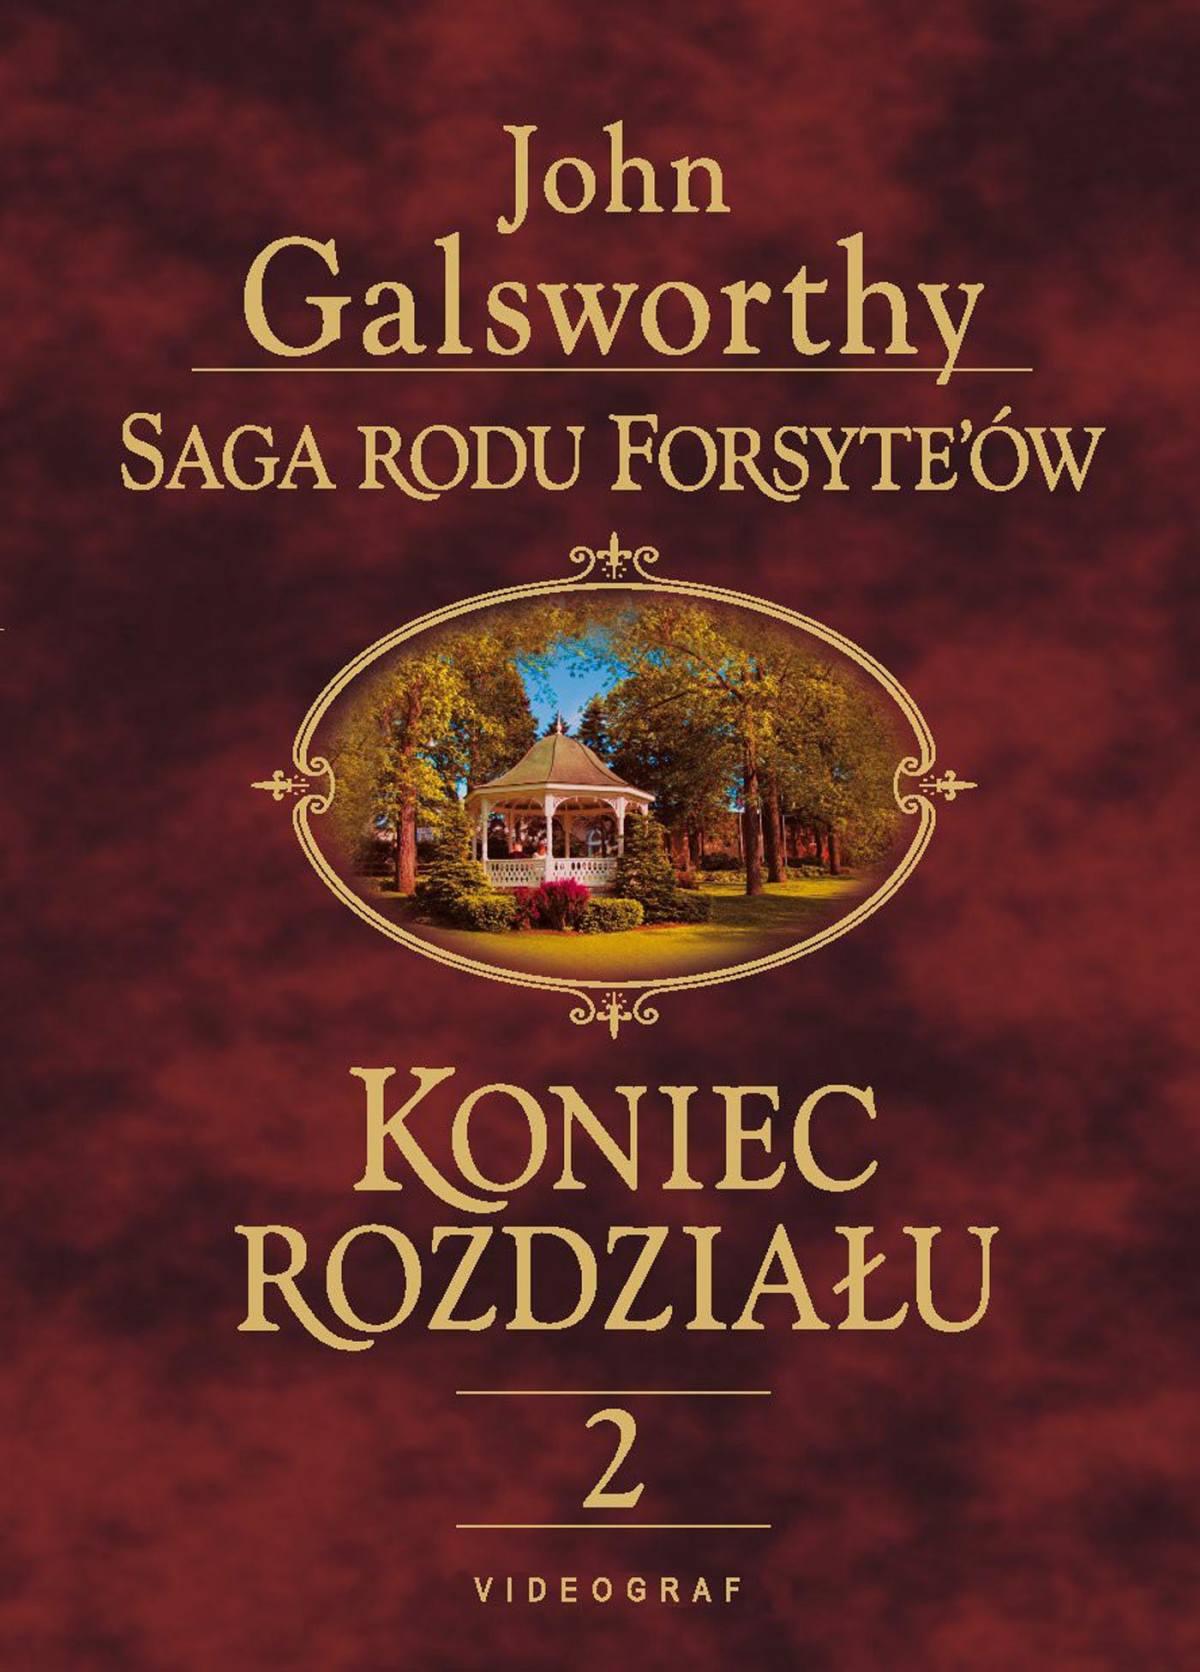 Saga rodu Forsyte'ów. Koniec rozdziału 2. Kwiat na pustyni - Ebook (Książka na Kindle) do pobrania w formacie MOBI